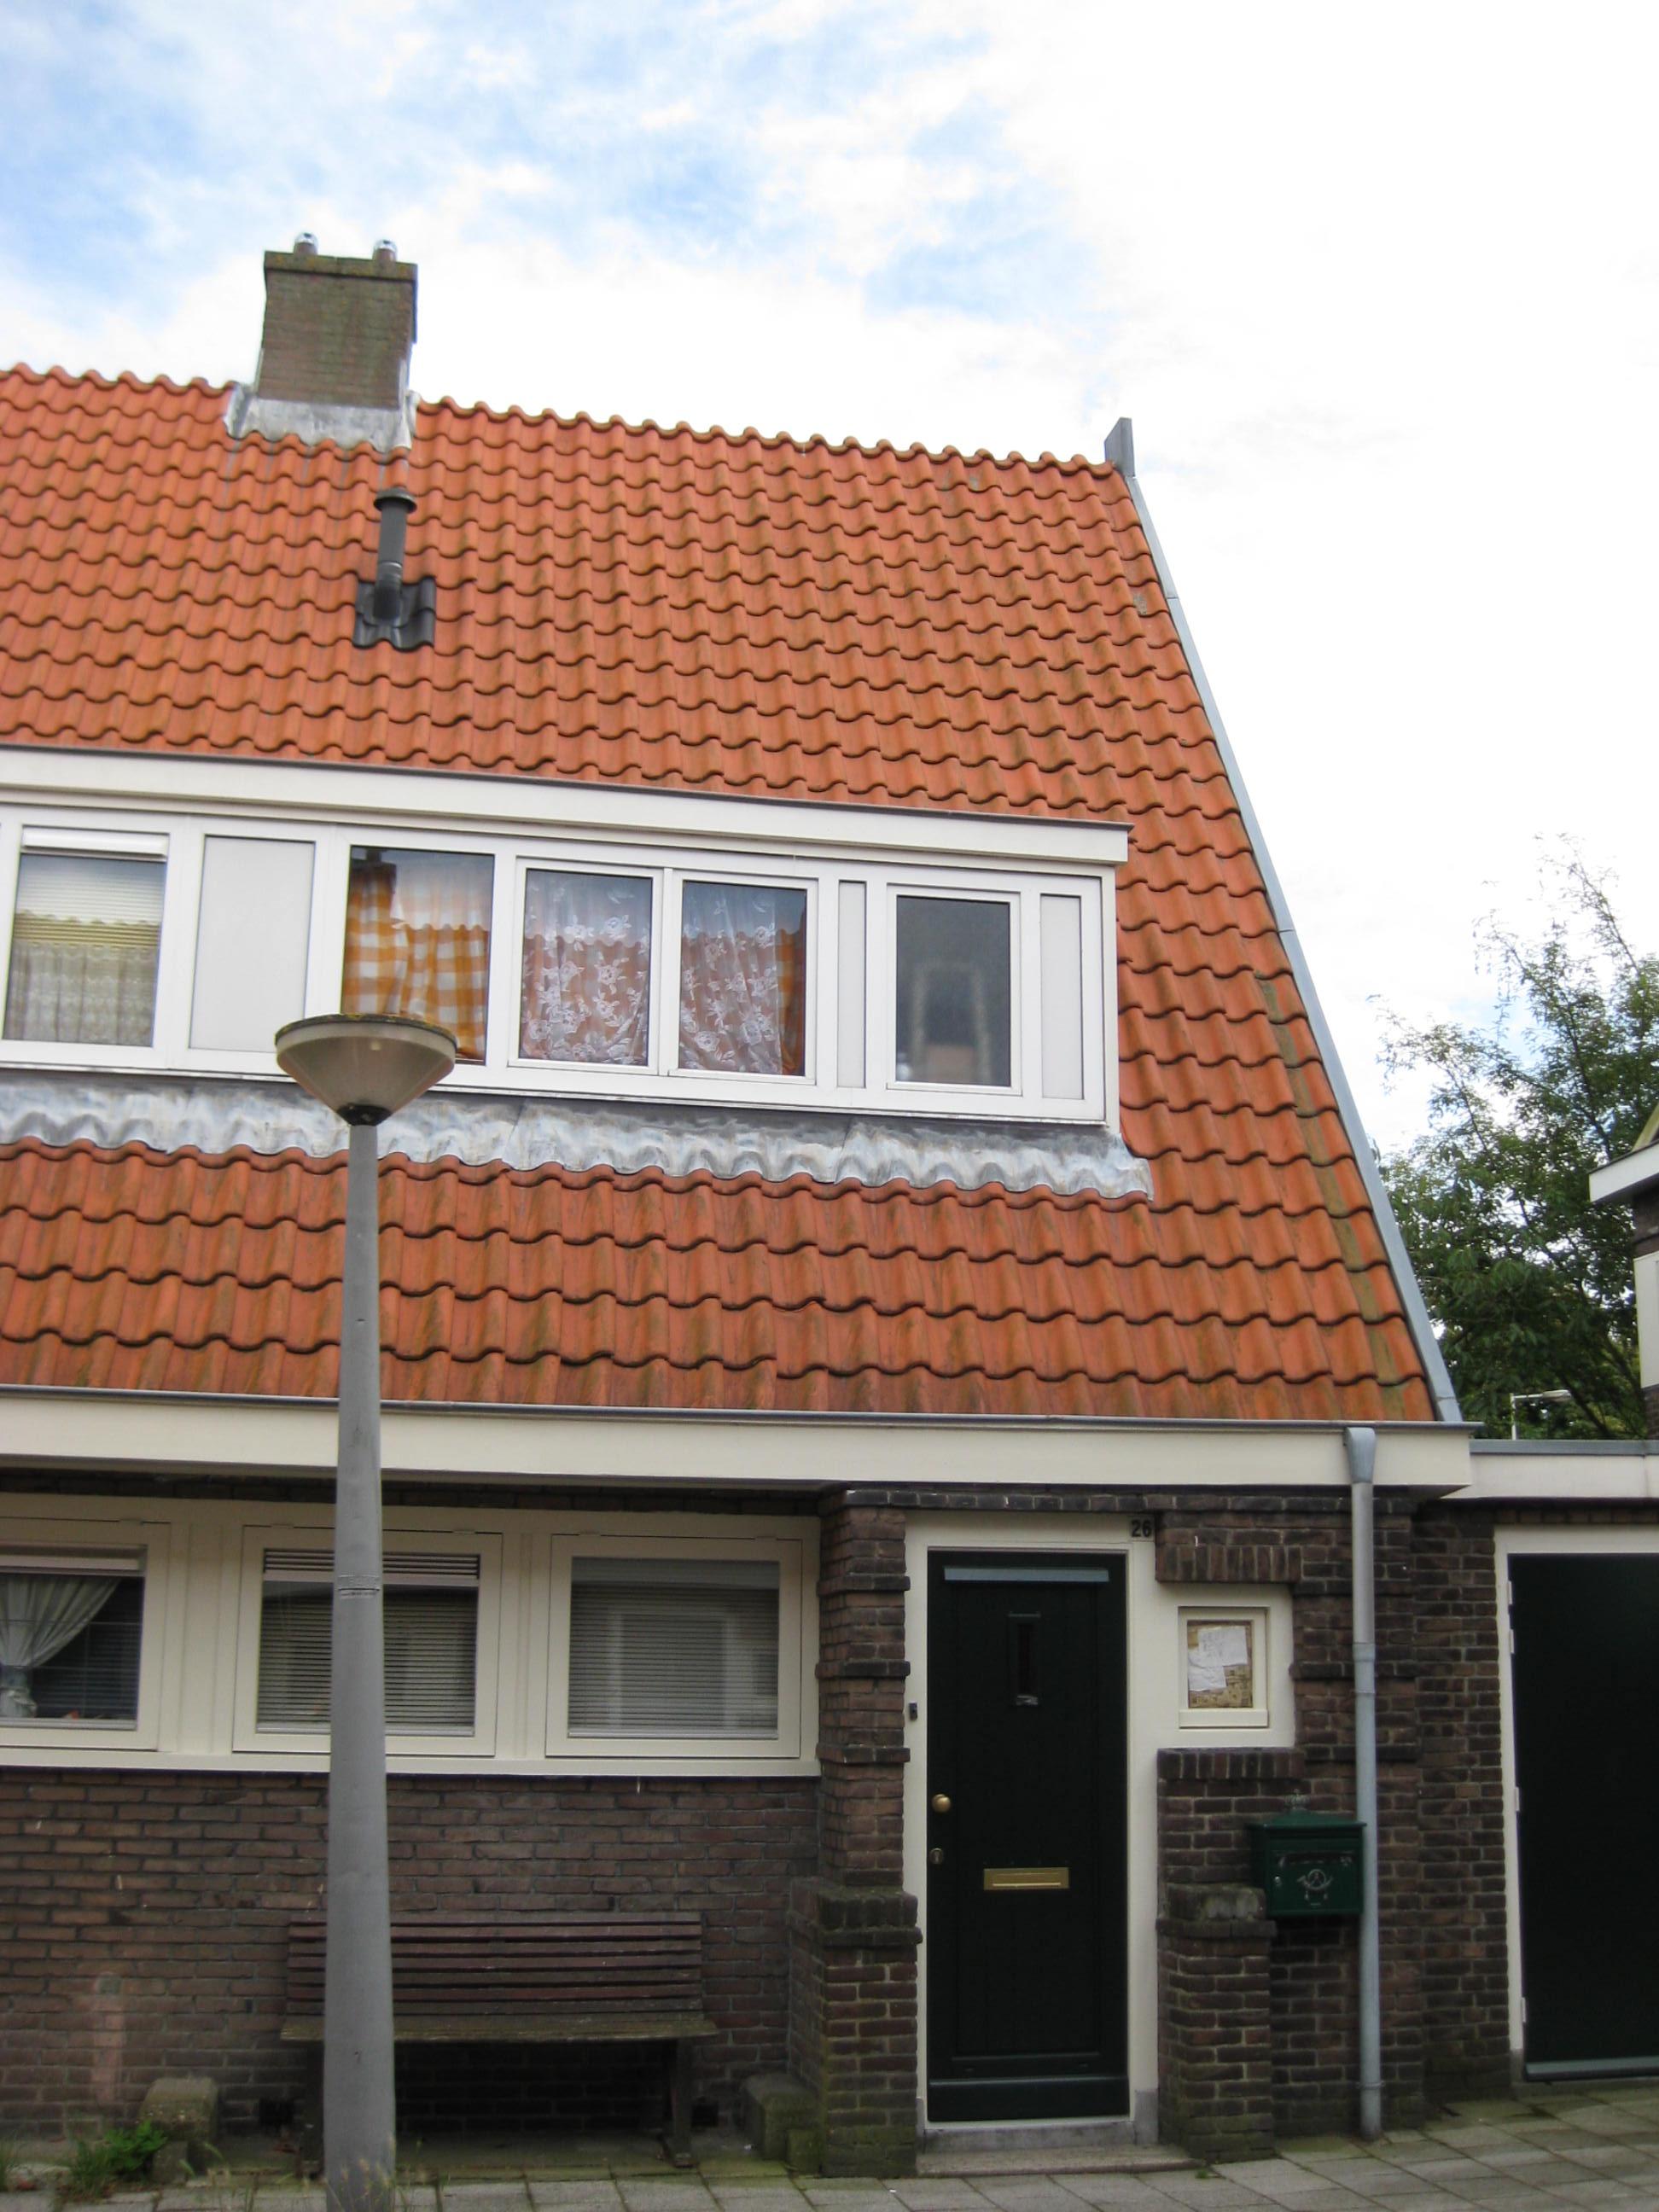 Blok met 8 keukenwoningen, zo genoemd vanwege destijds nieuwe ...